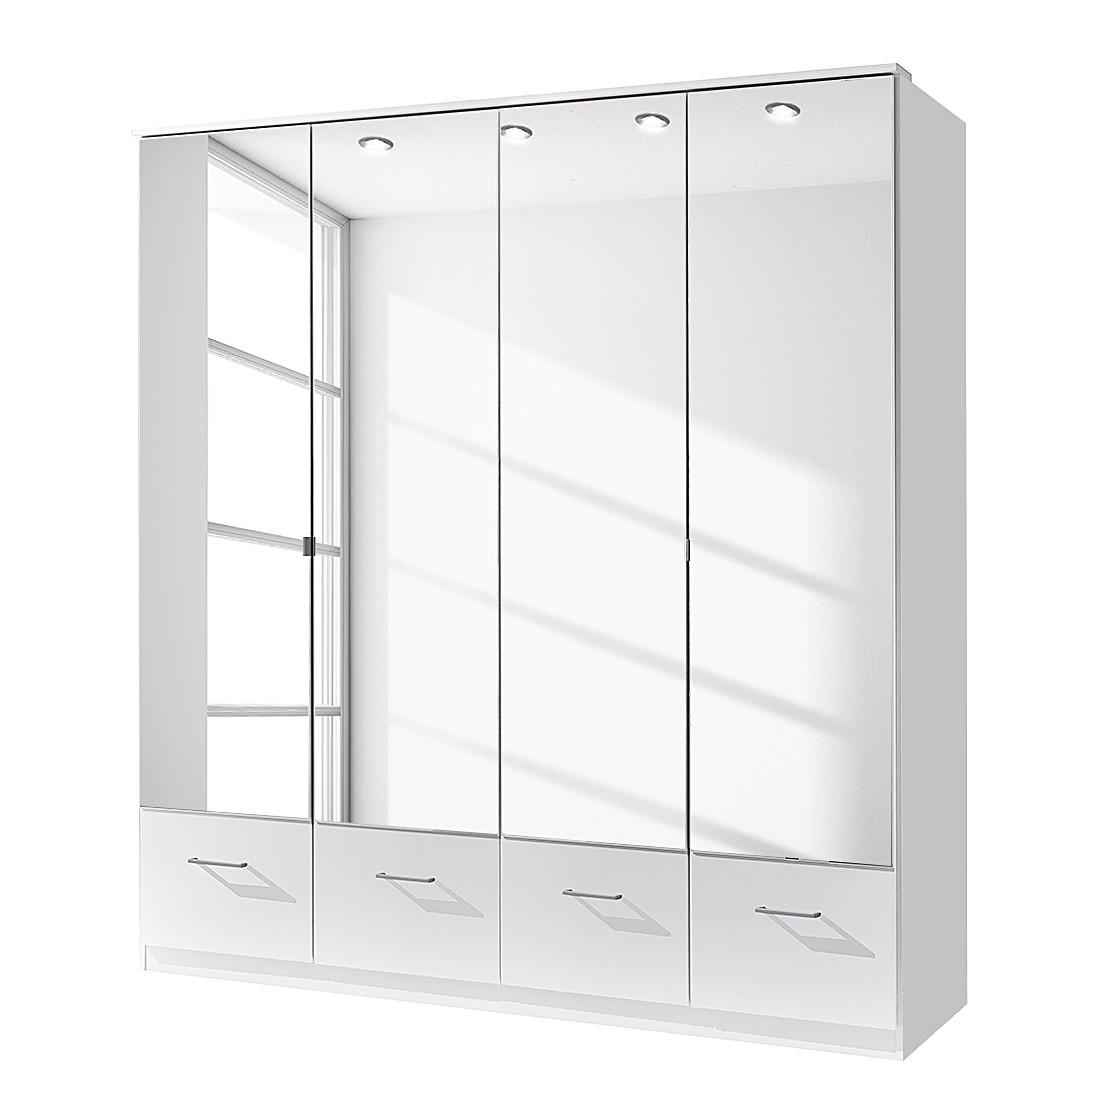 Armoire à portes battantes Vanity (avec tiroirs) – Blanc alpin - Largeur 90 cm, Wimex